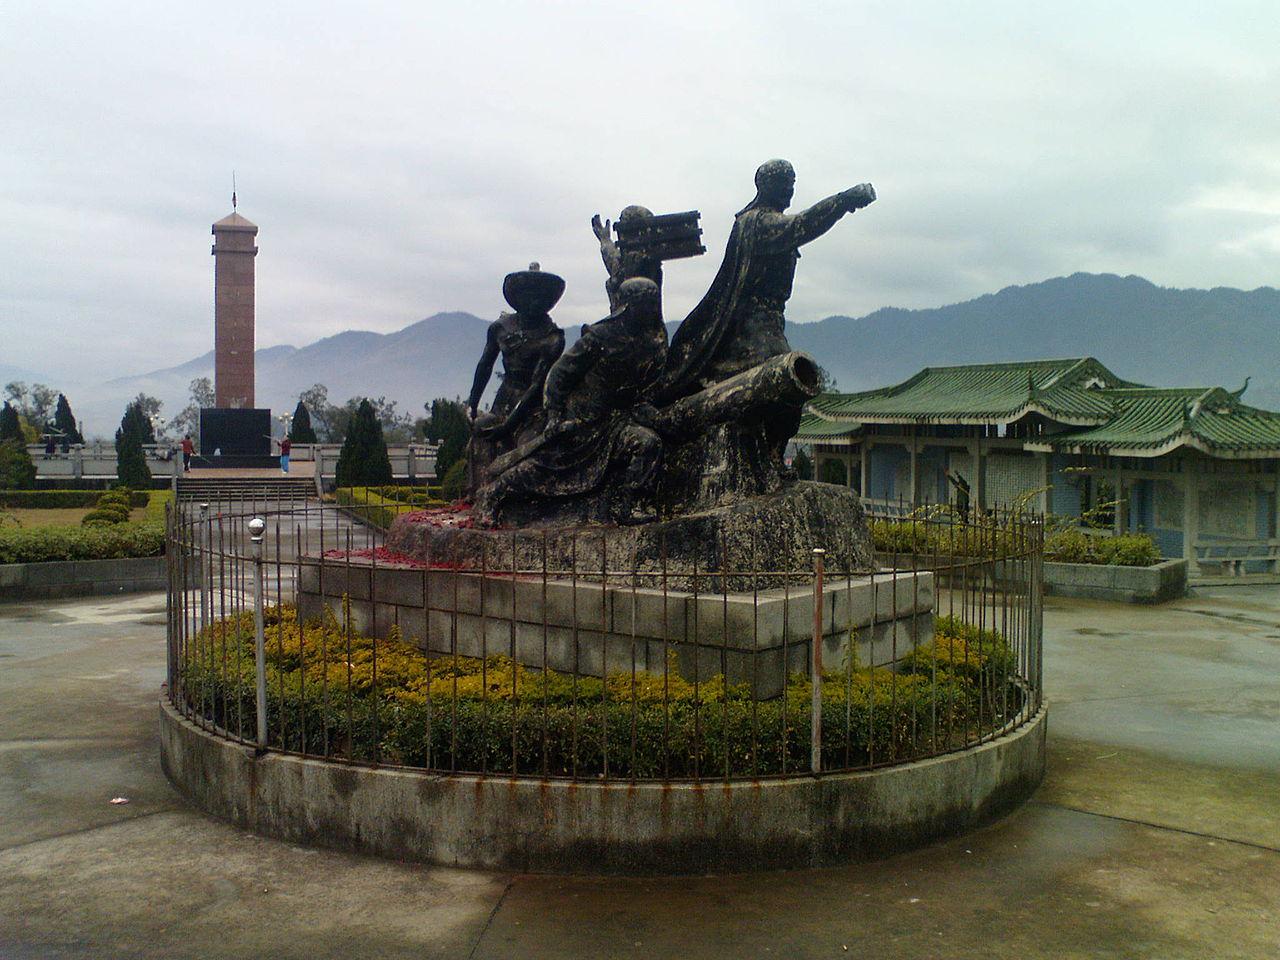 Ιστορικό μνημείο της εξέγερσης των Ταϊπίνγκ στην πόλη Μενγκσάν της επαρχίας Γκουανγκσί, η οποία ήταν η αρχική έδρα των επαναστατών Ταϊπίνγκ